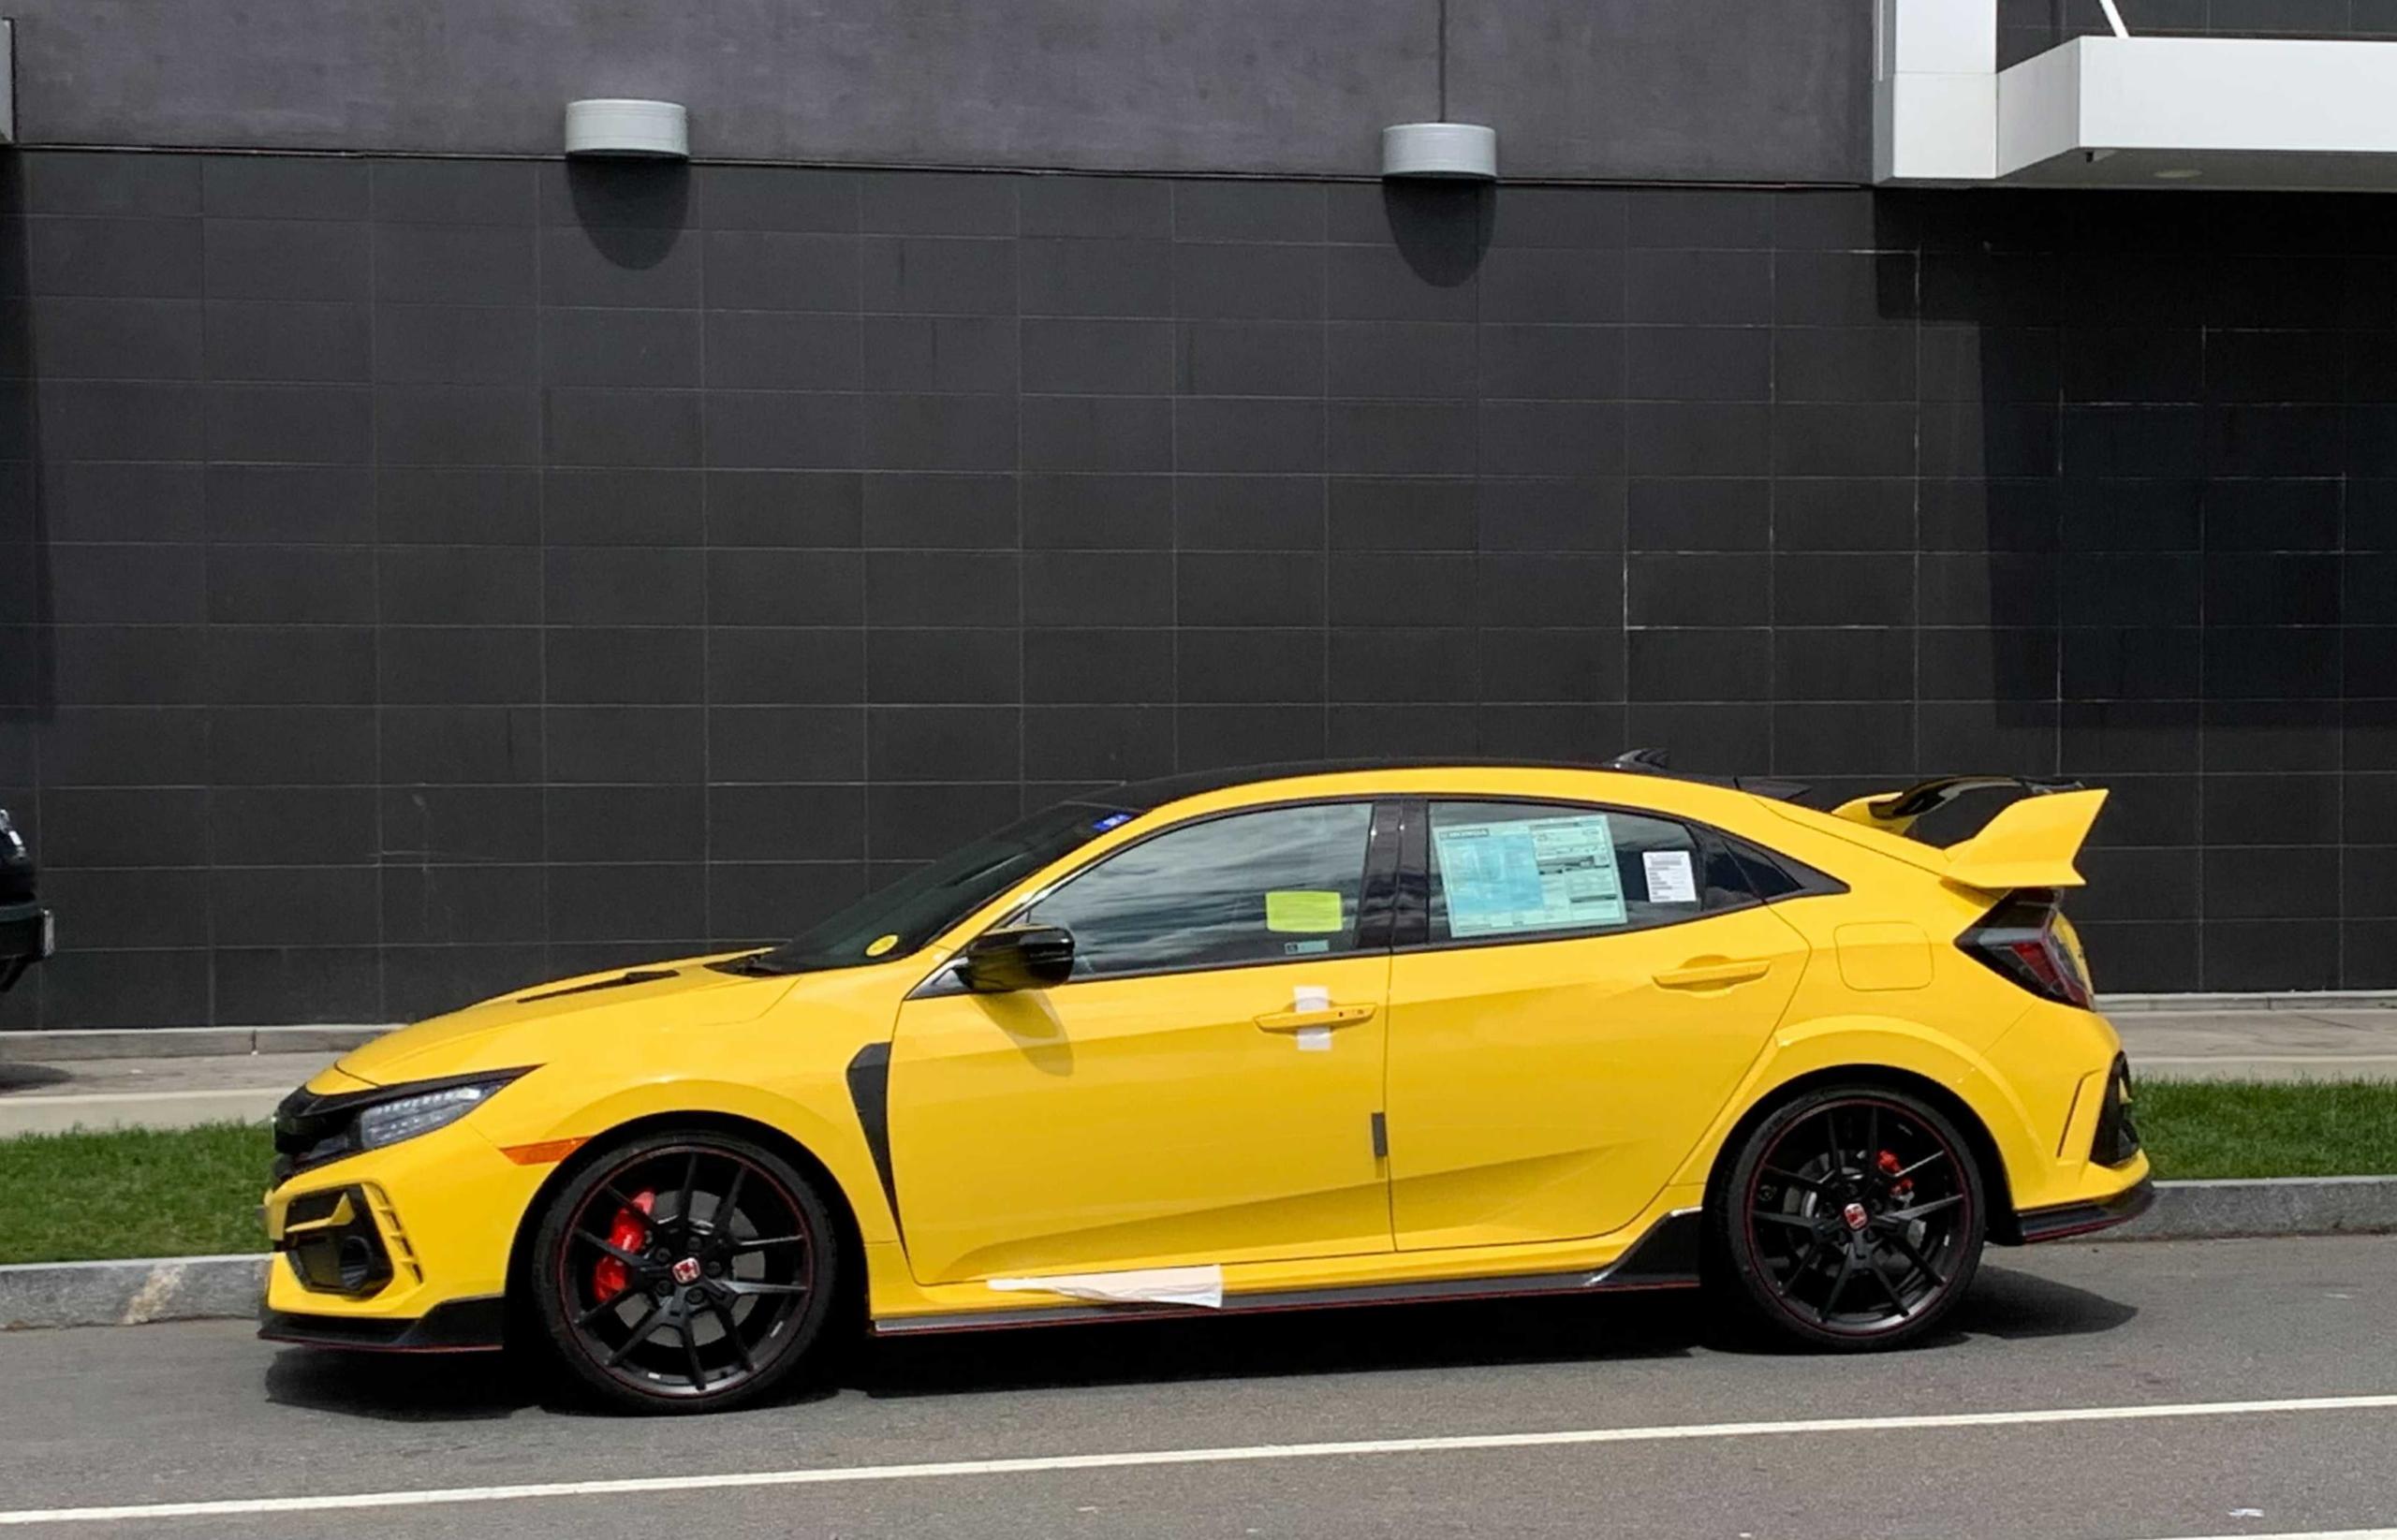 yellow civic type r